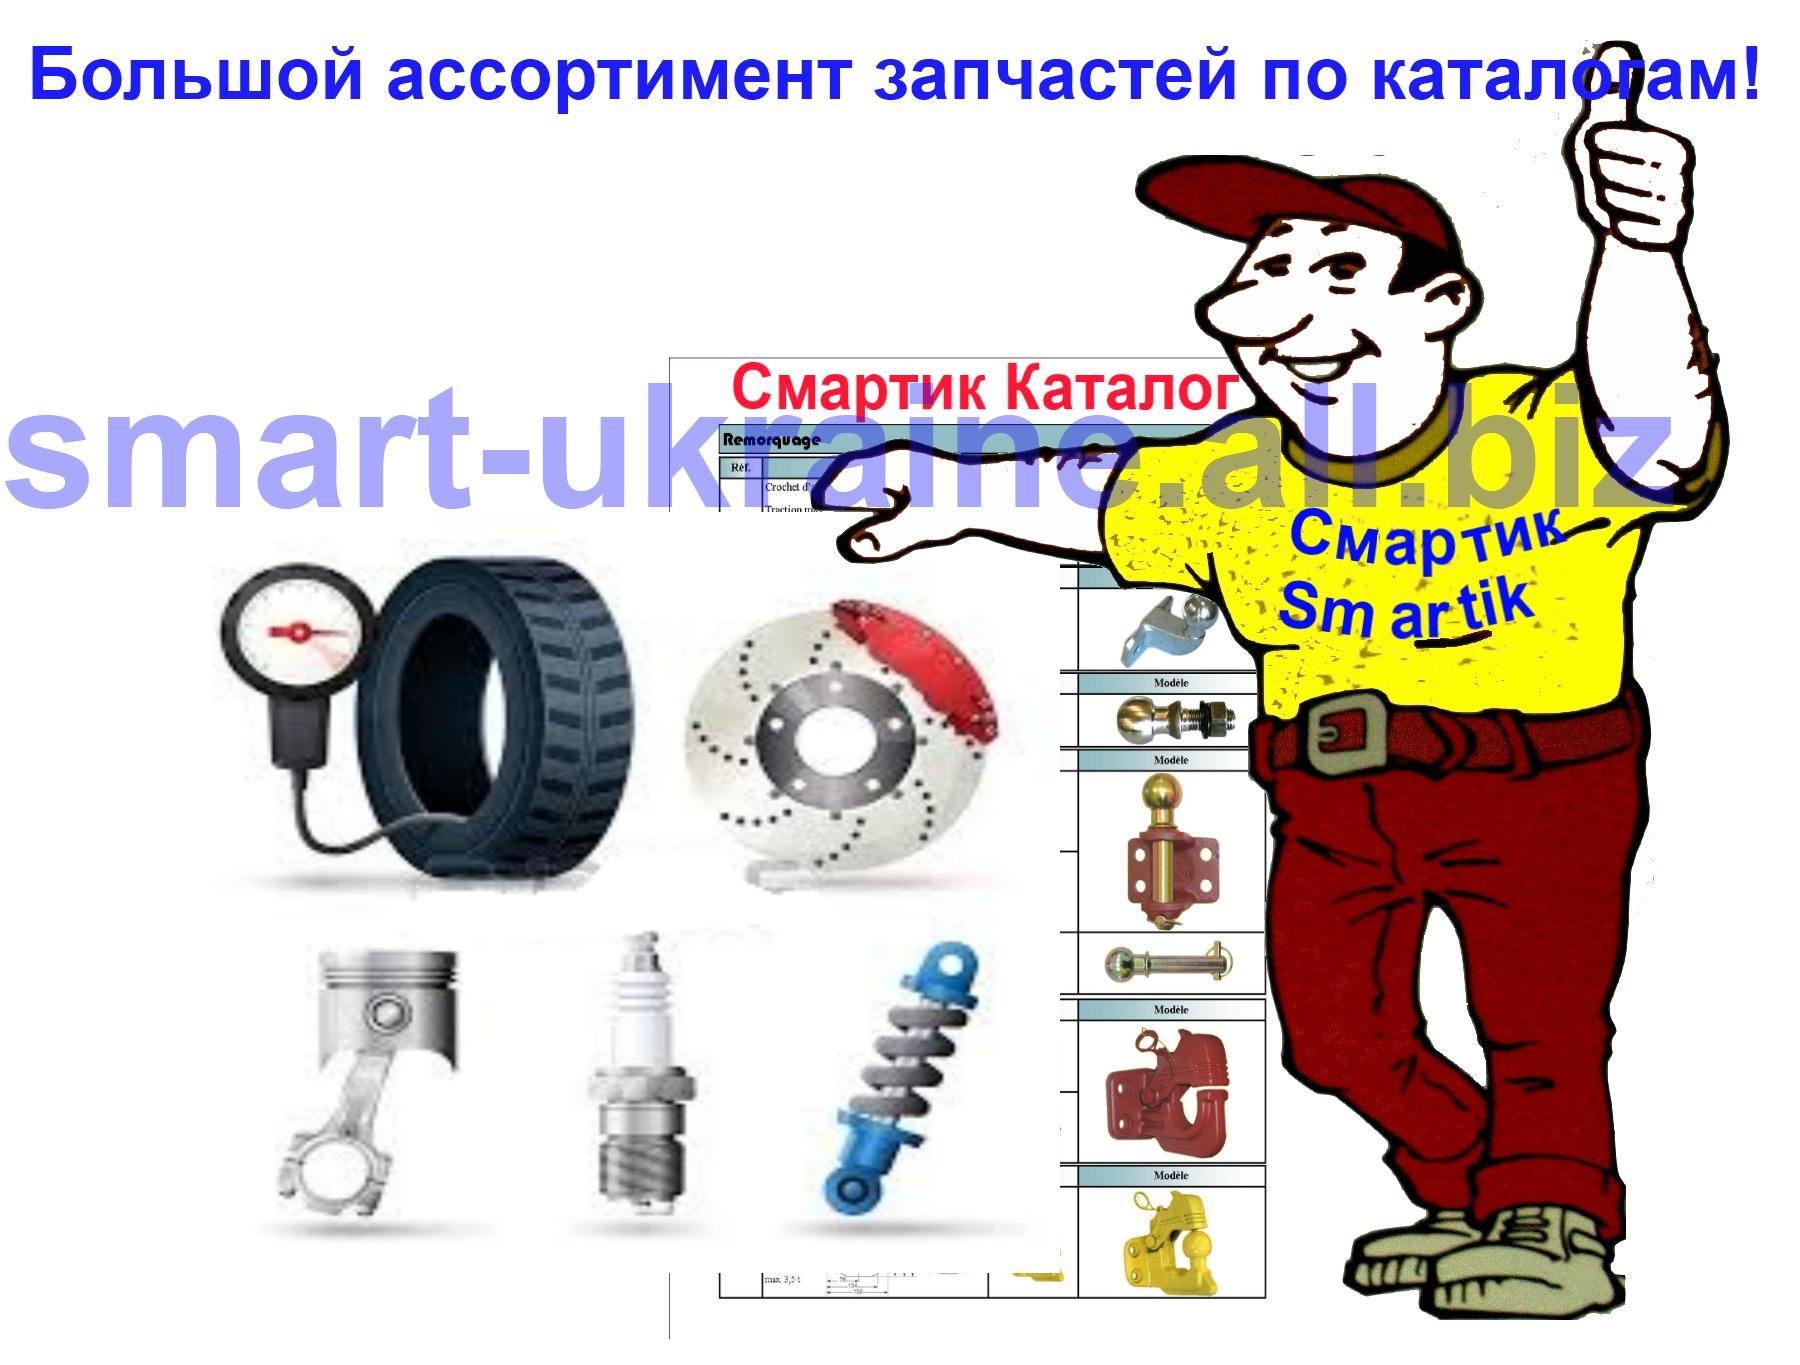 zapyataya_maslonasosa_sr02113